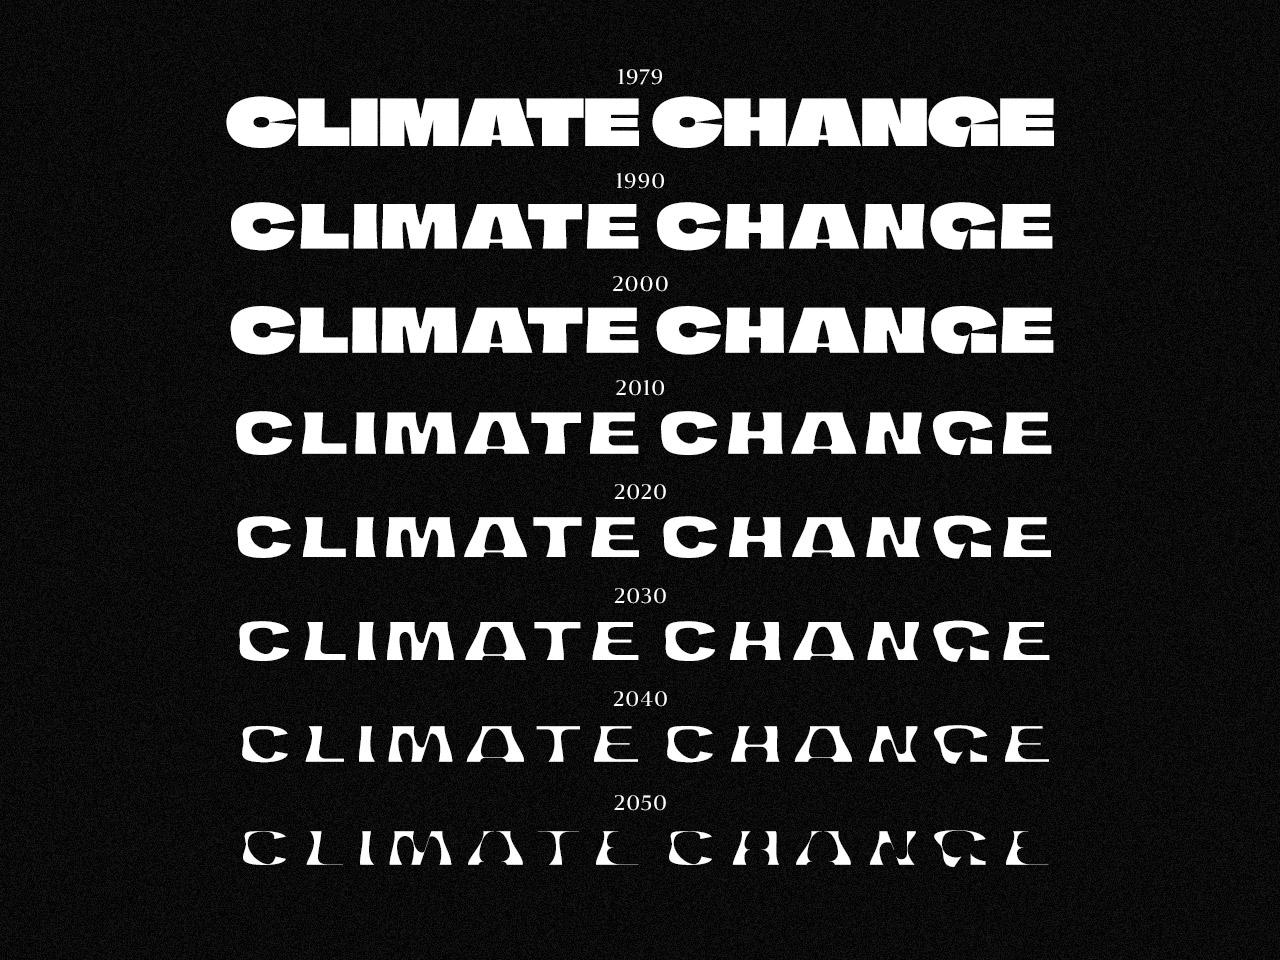 """Das Wort """"Climate Change"""" mehrmals untereinander stehend in abnehmender Strichstärke"""